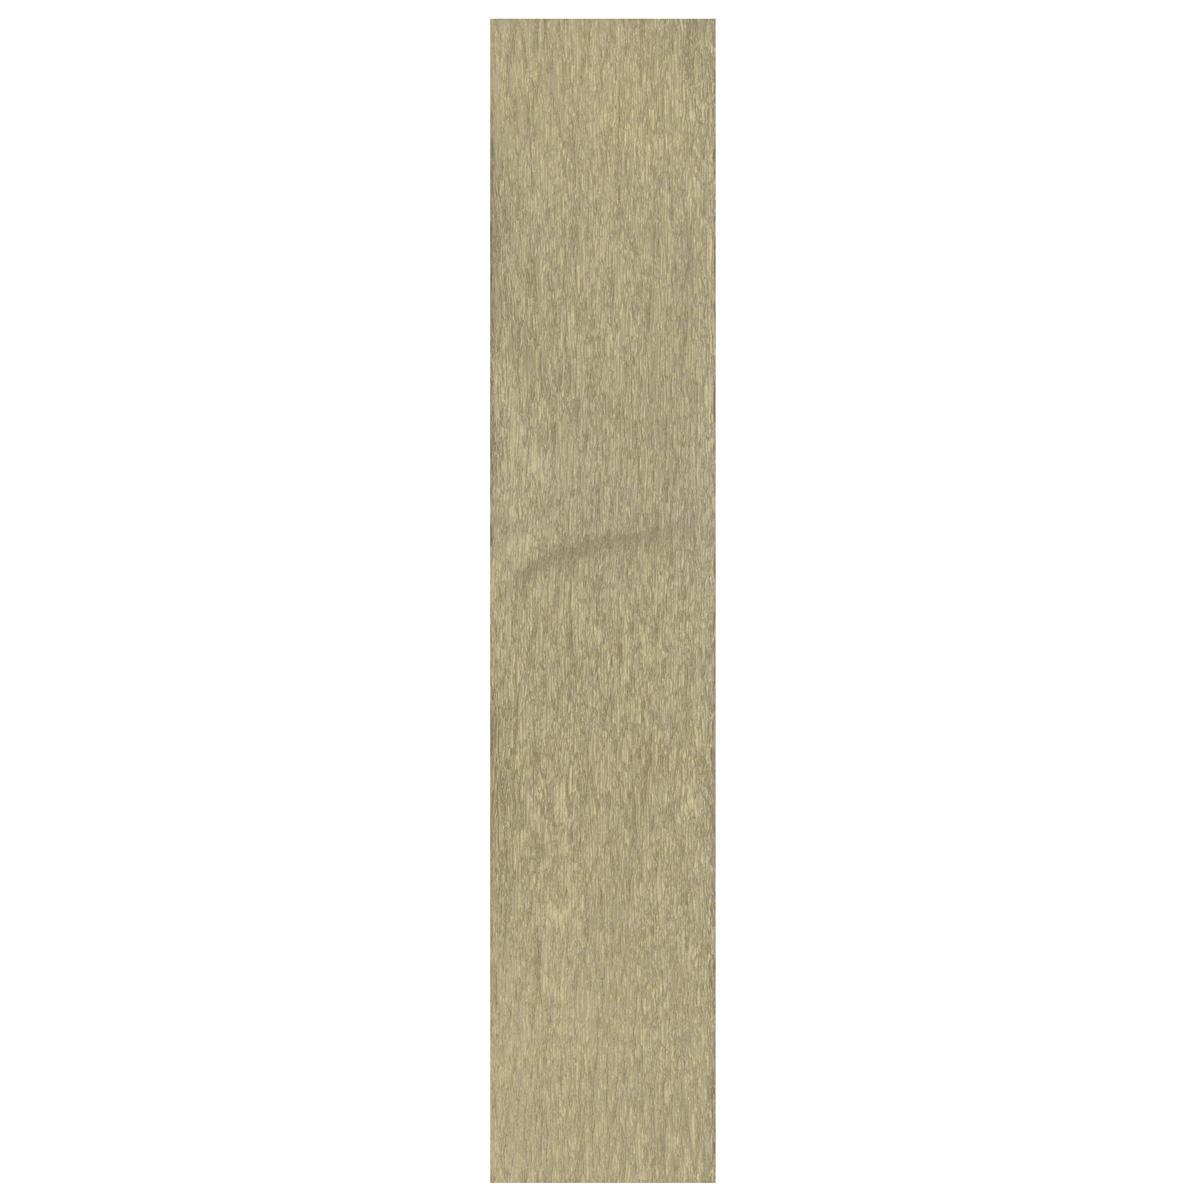 Бумага гофрированная Folia, цвет: золотистый (25), 50 см x 2,5 м